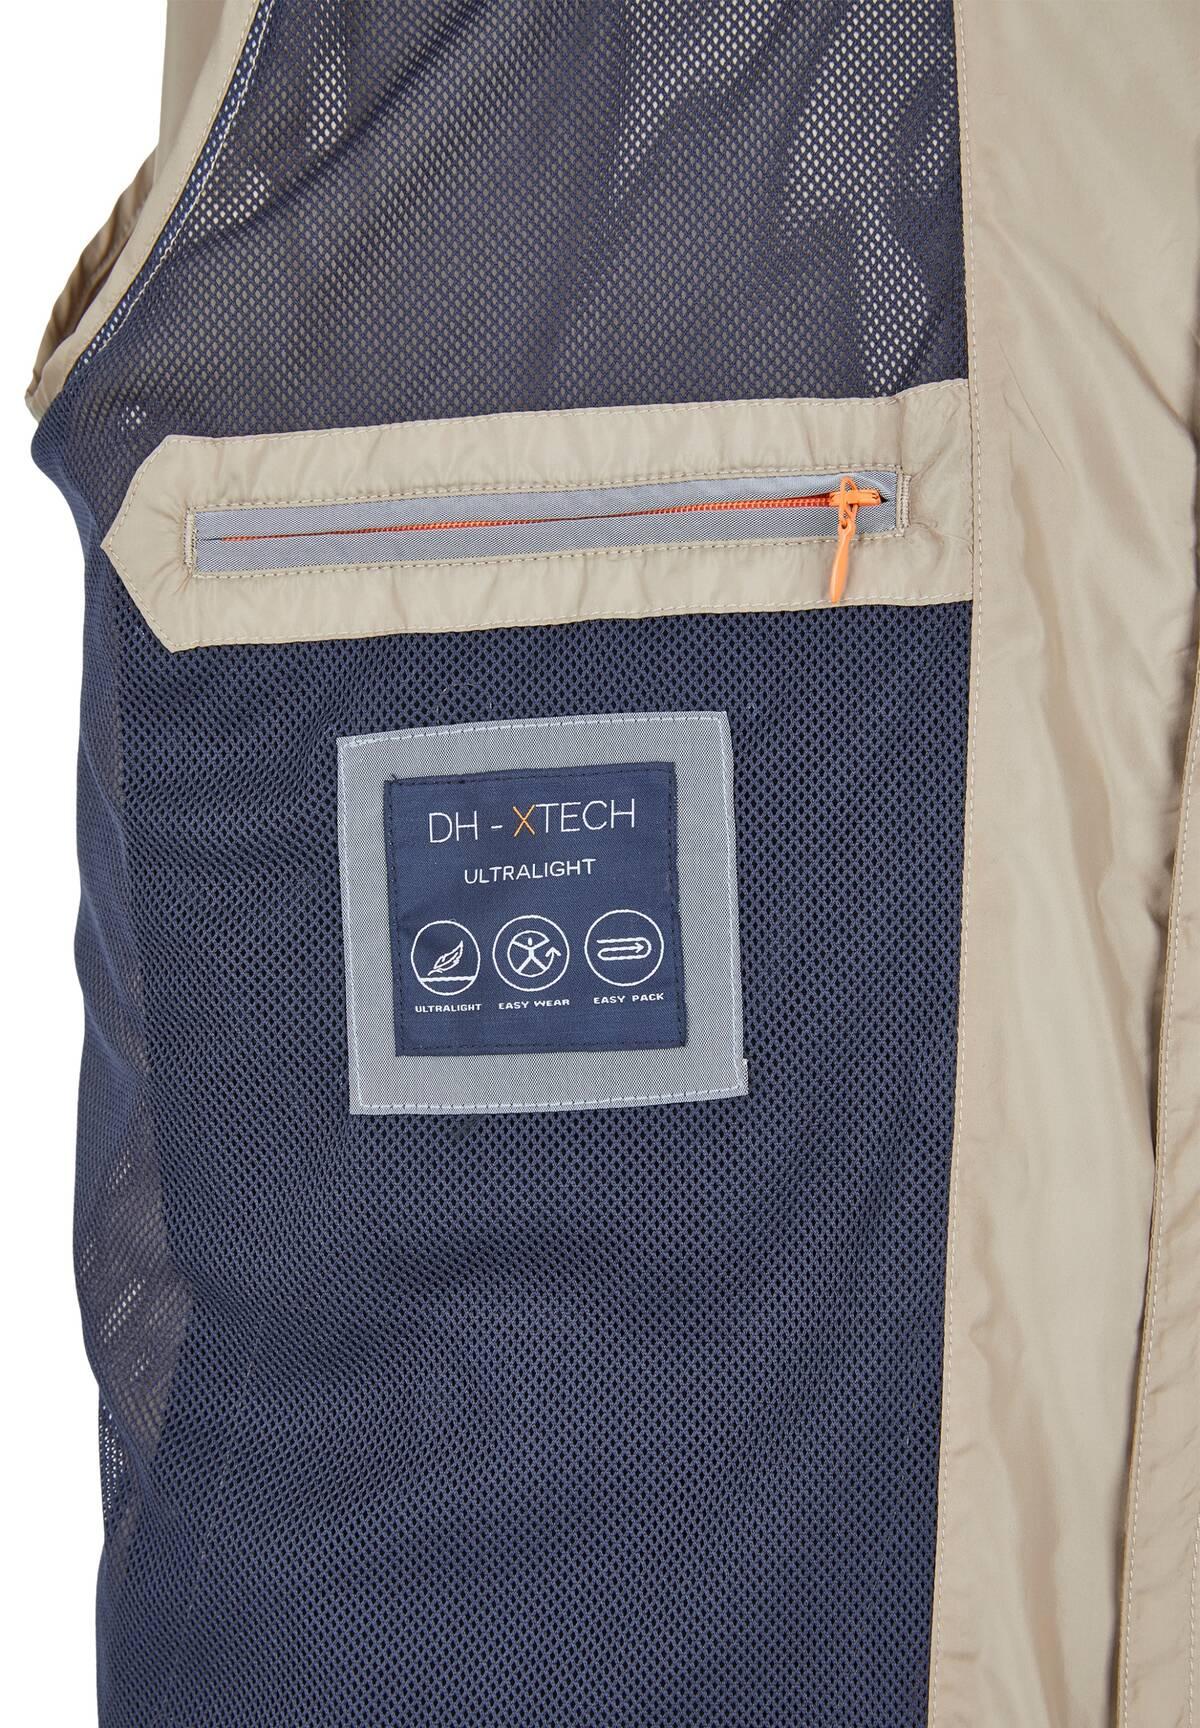 DH-XTECH ULTRALIGHT-Blouson / BLOUSON